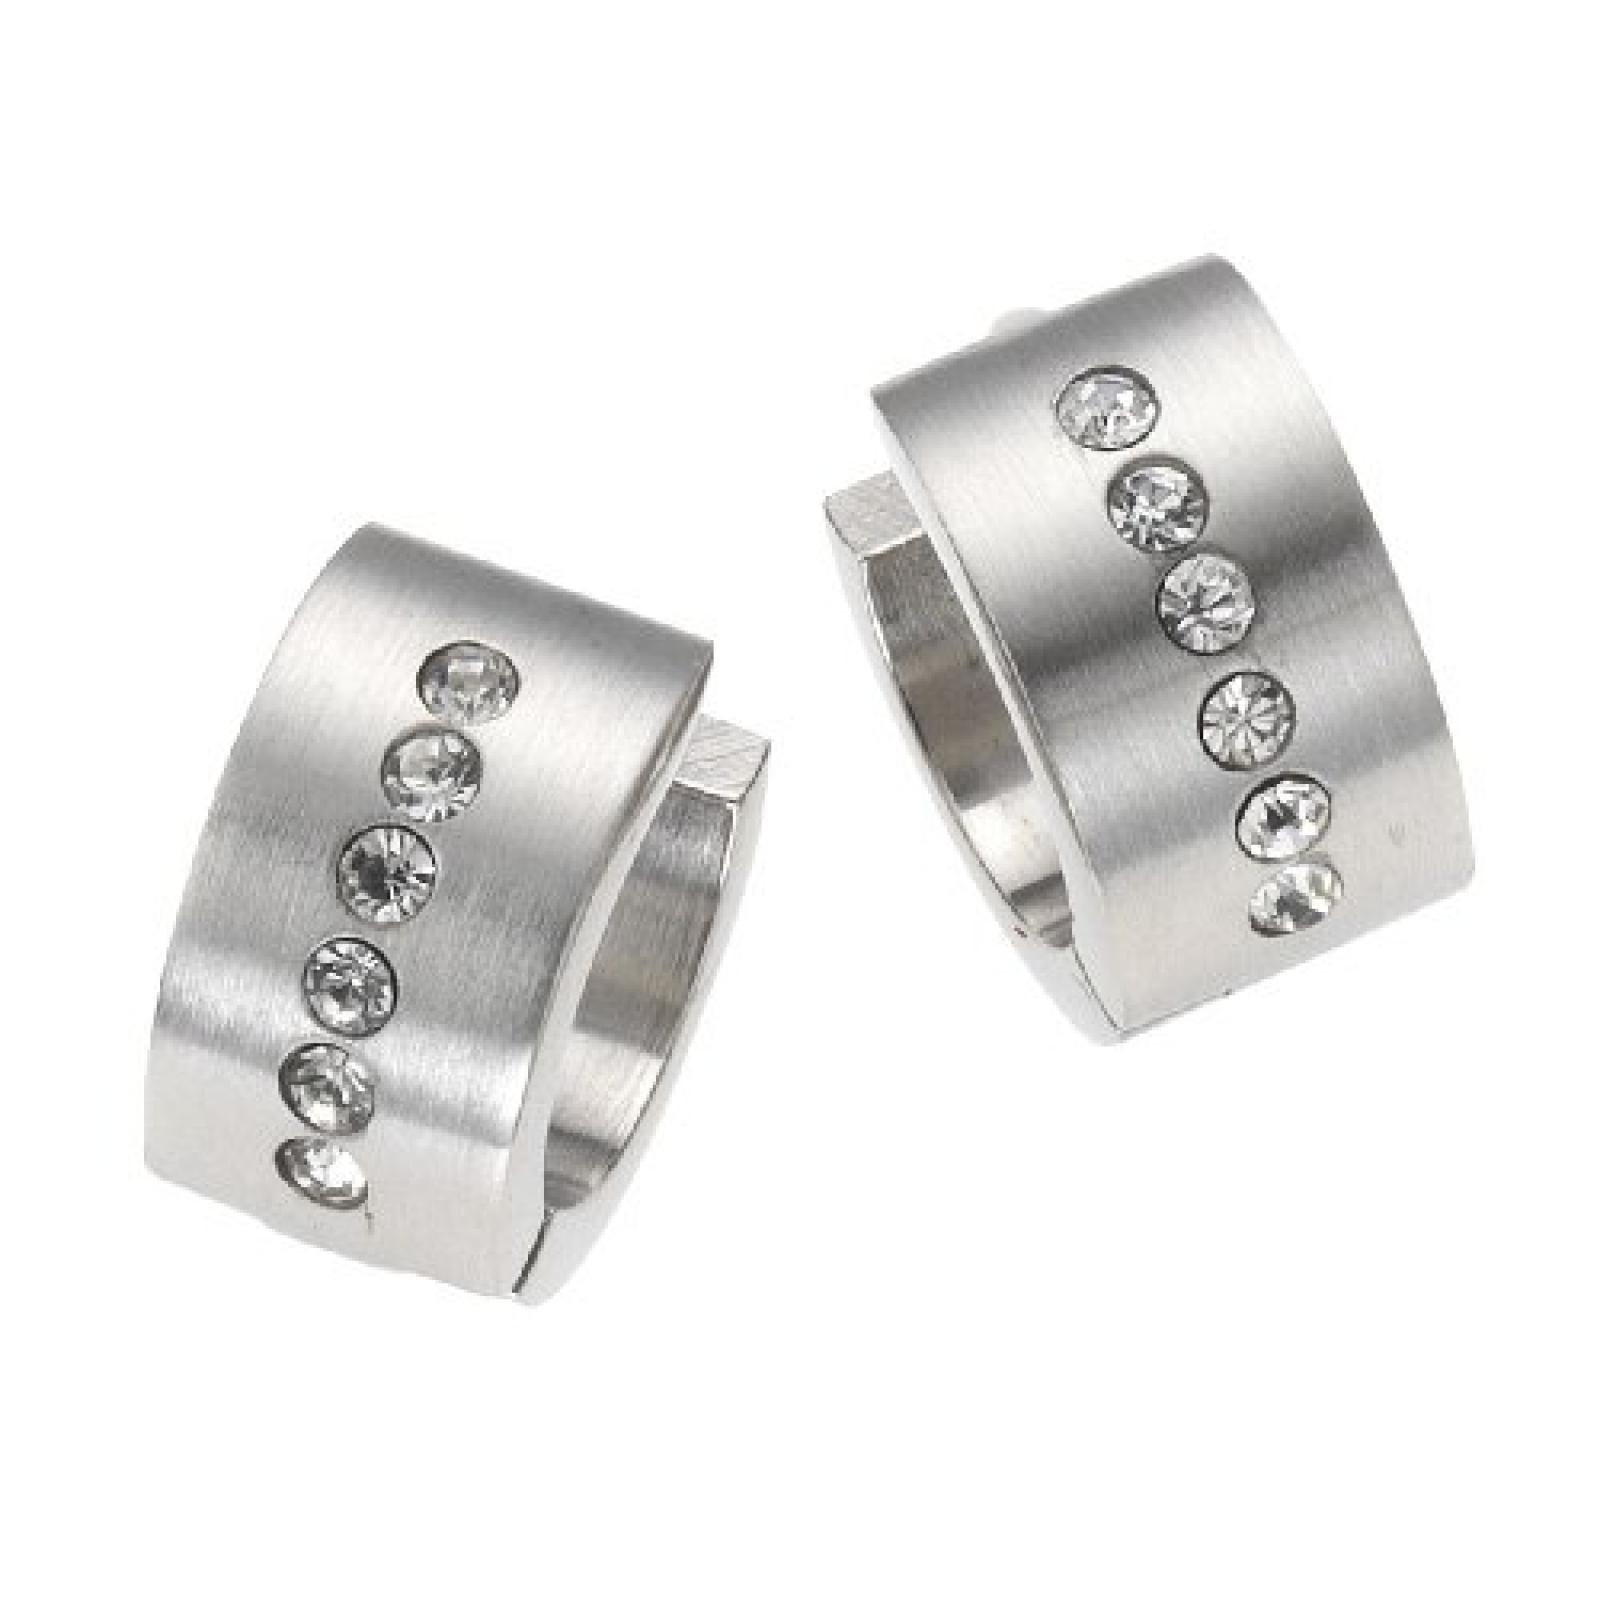 ZEEme Stainless Steel Edelstahlcreole mit eingesetzten Kristallen 389010009